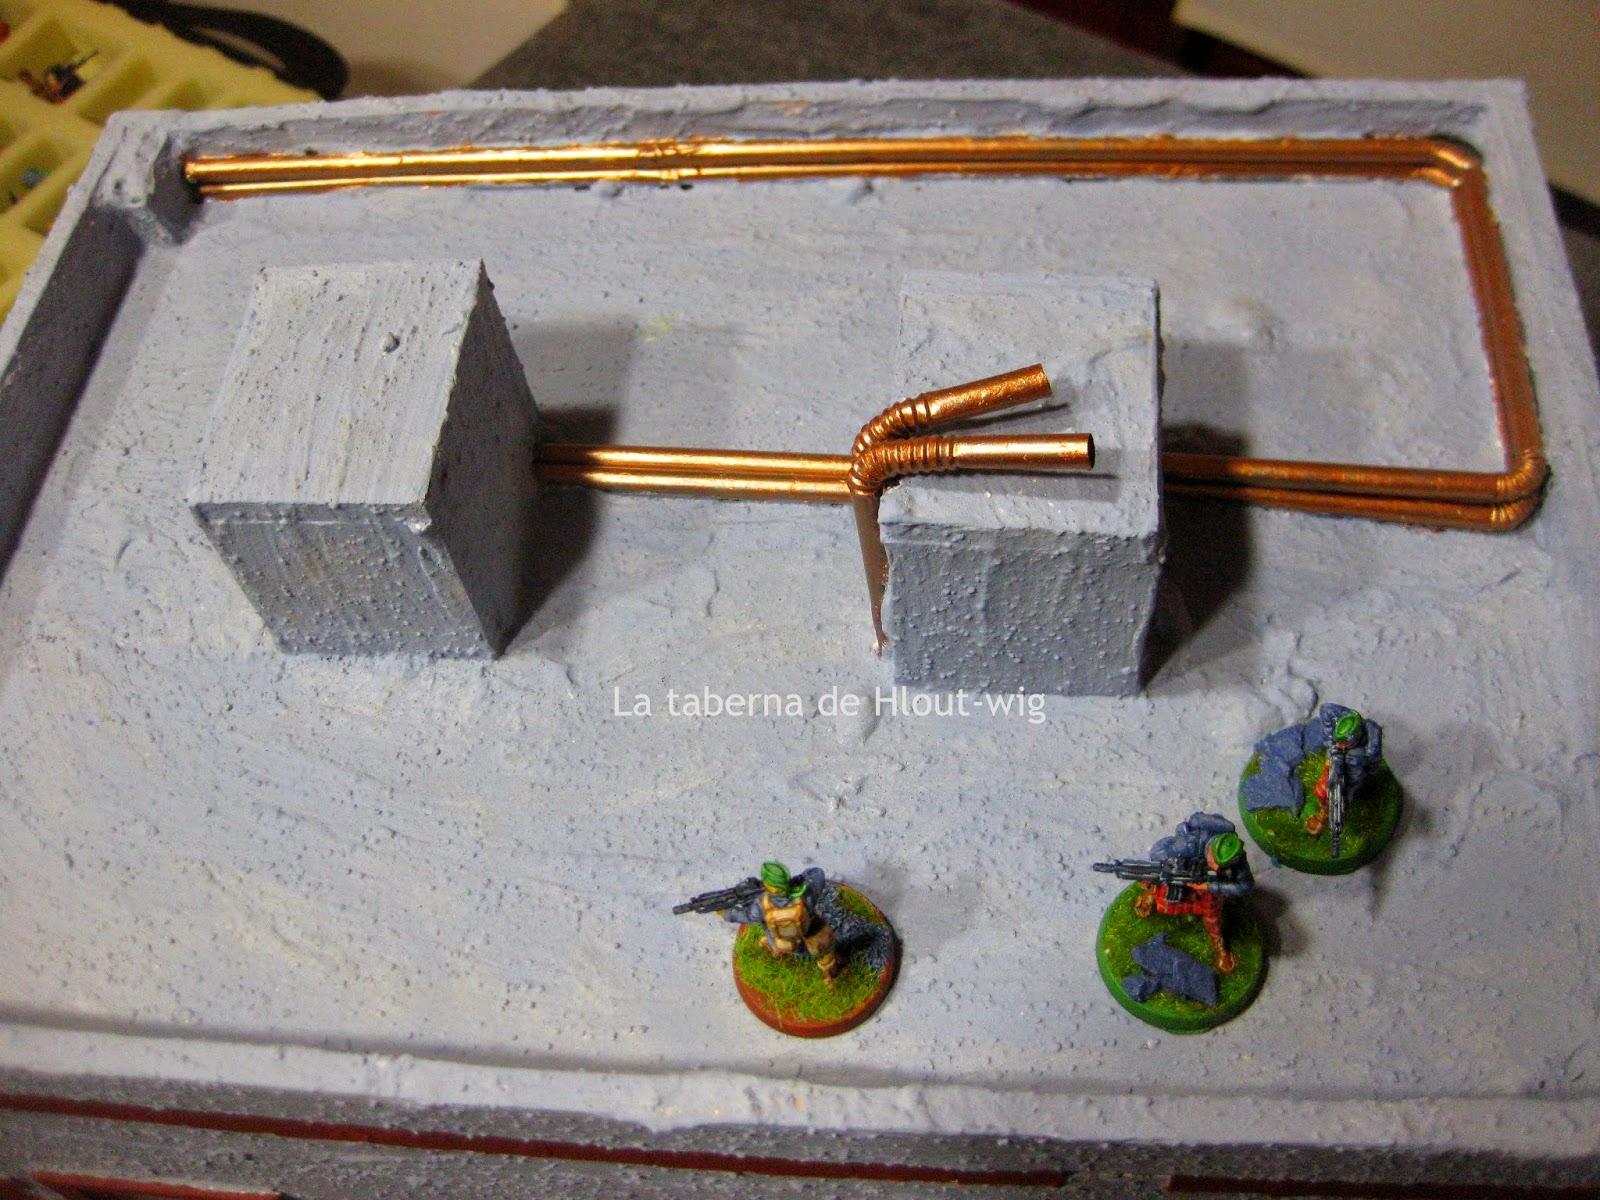 Detalle de las tuberías del tejado